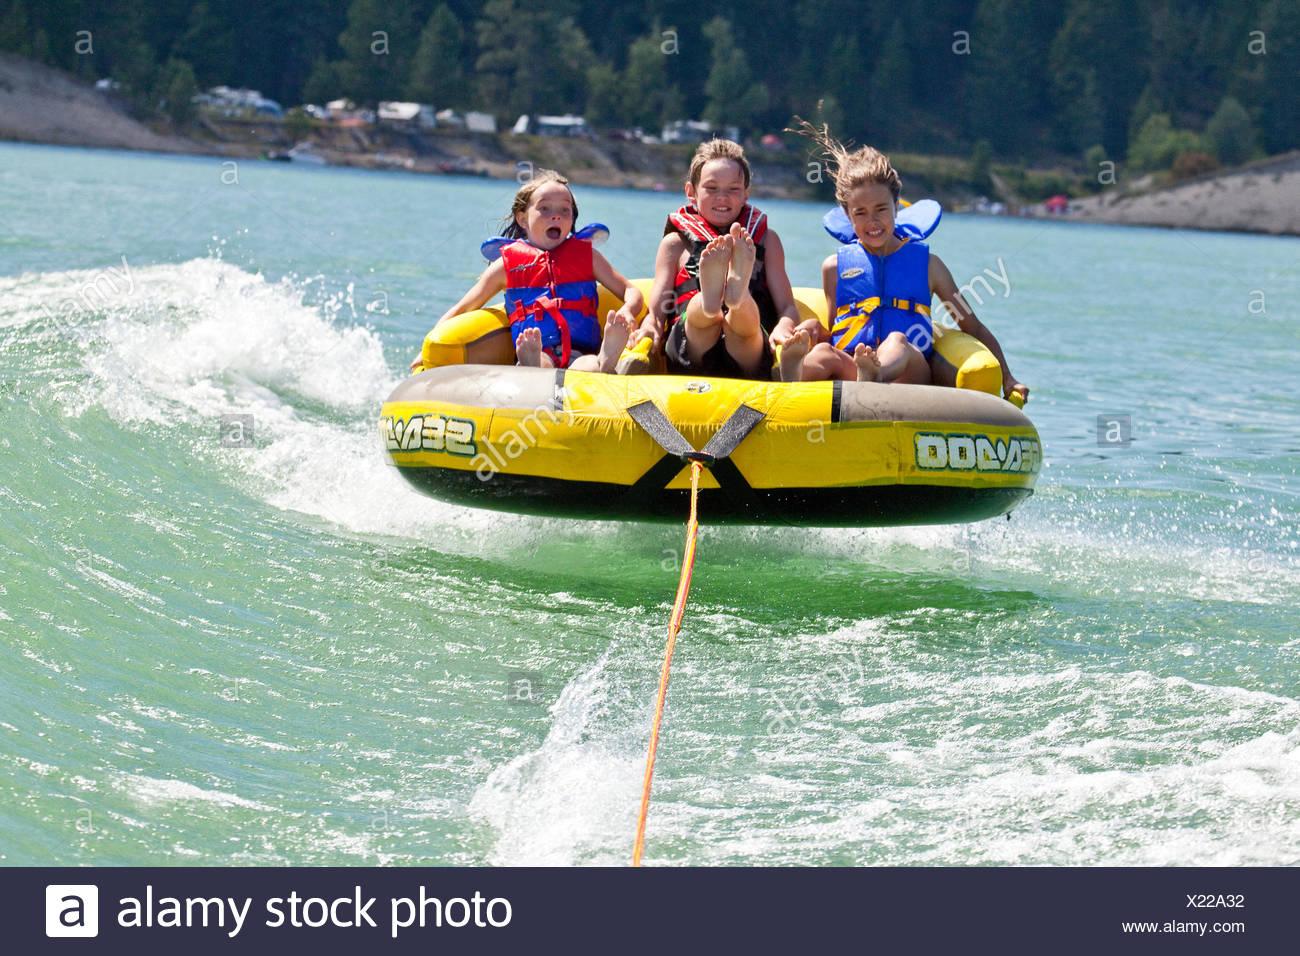 Trois enfants profiter du lac Koocanusa, flexible à l'Est des Kootenays, BC, Canada. Photo Stock